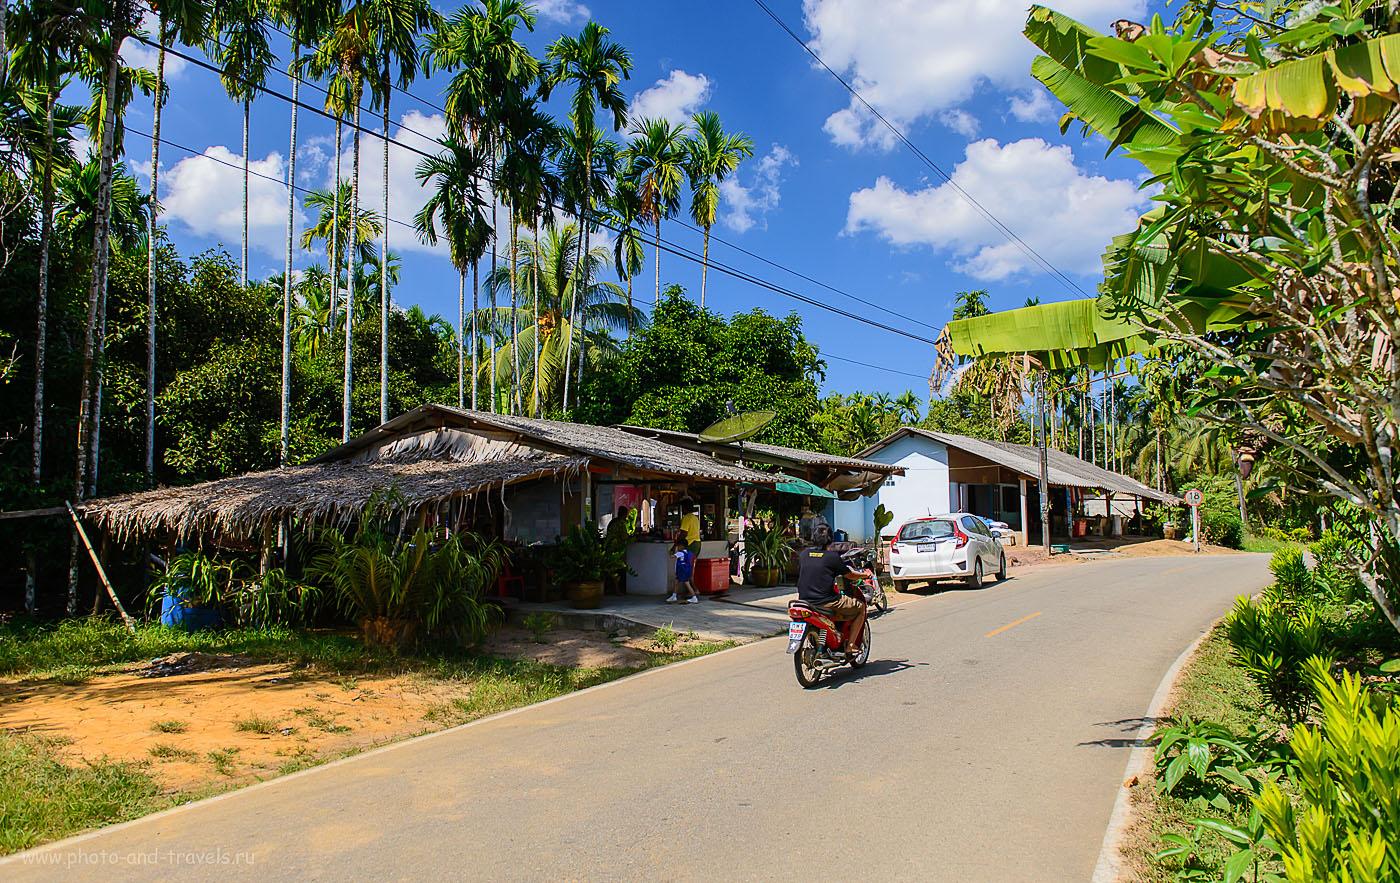 Фотография 3. Отдых в Таиланде. Безымянное кафе на въезде в неназванную тайскую деревню по дороге в Ранонг (800, 24, 4.5, 1/2000)